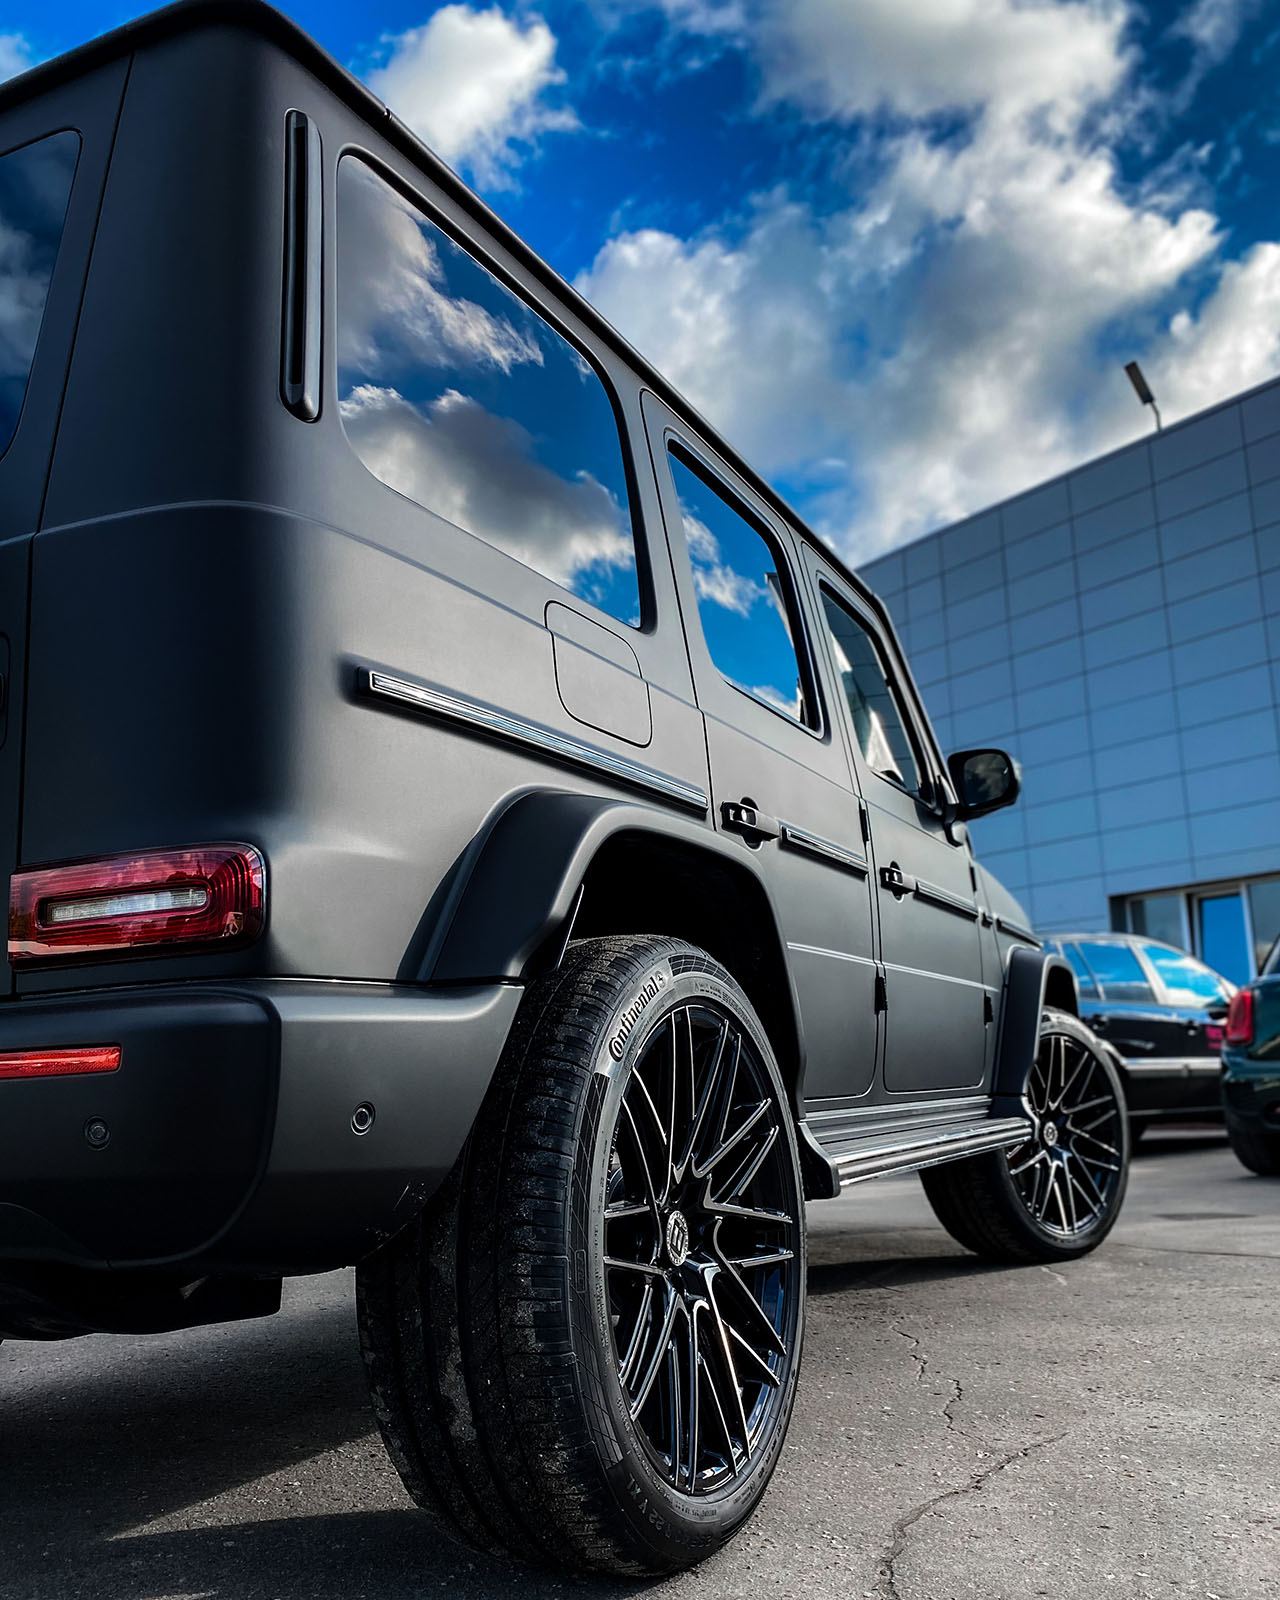 Mercedes G63 Amg и кованый моноблок BENEVENTI RR20 в отделке Черный глянец с темной алмазной проточкой